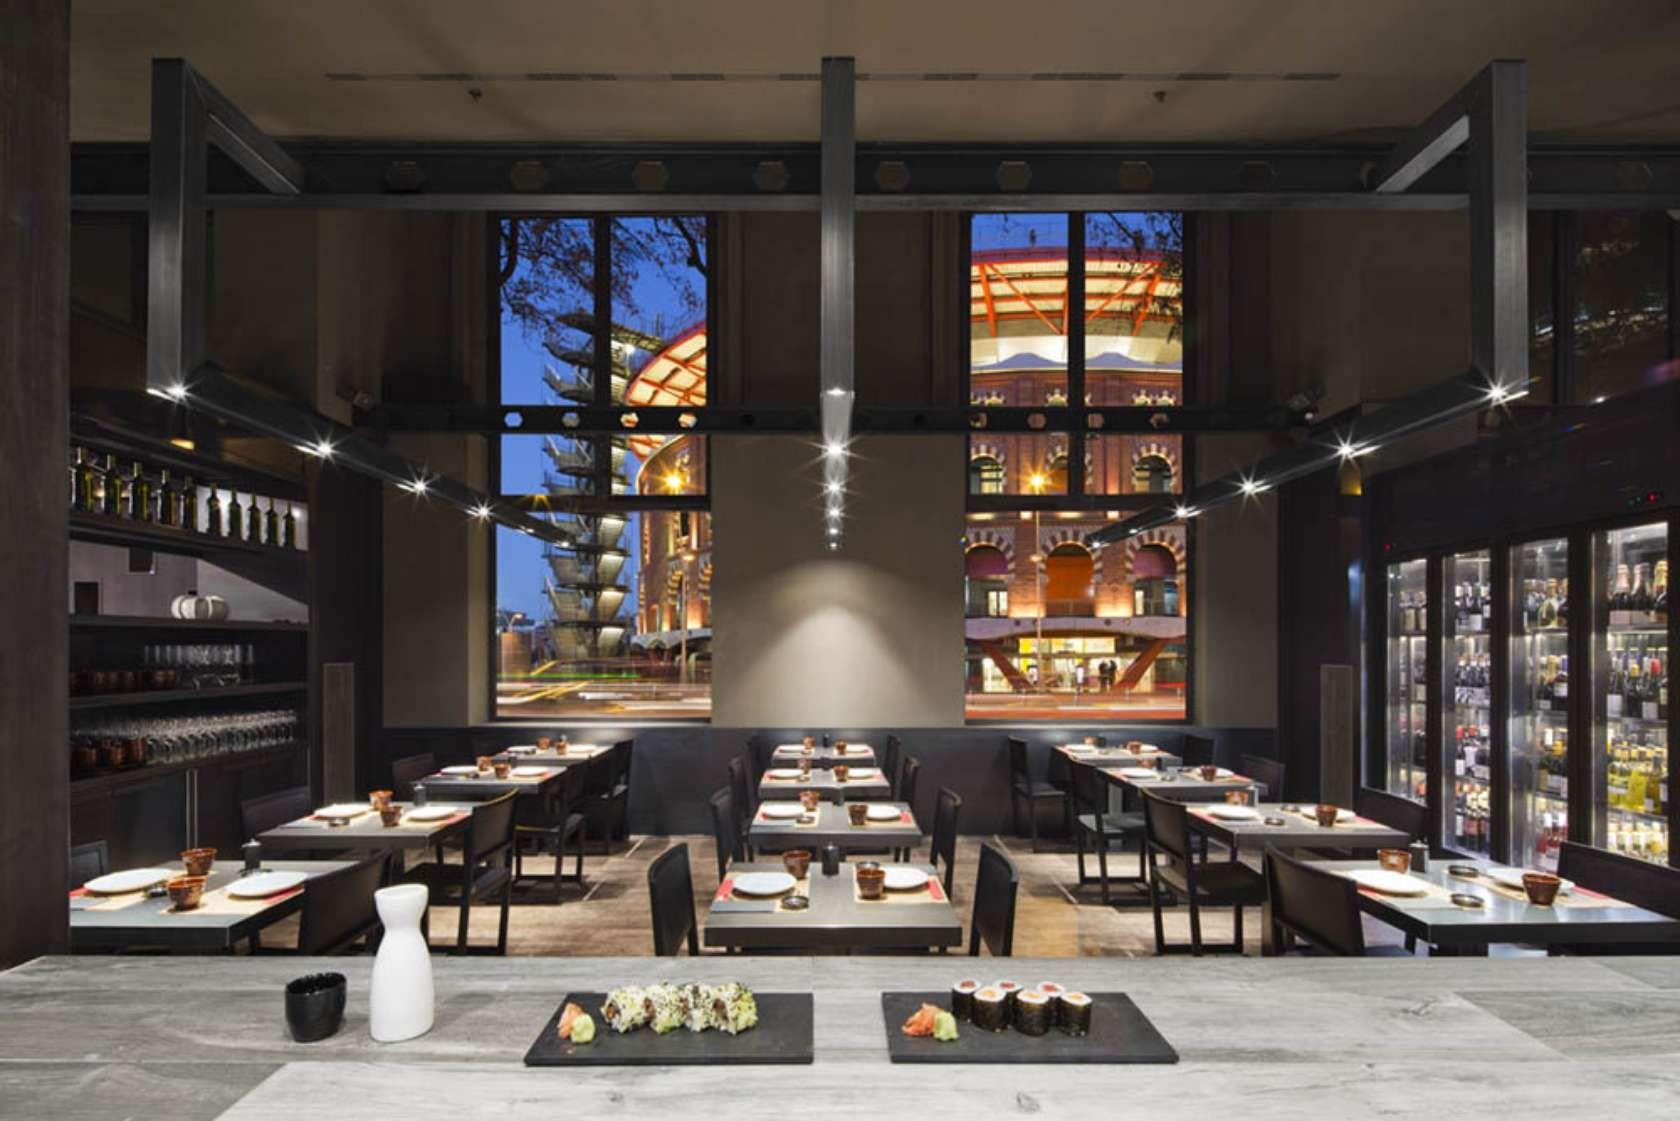 #Architizer #Restaurant #Japanese #Umo #GrupoNomo #Barcelona #Design #EstudiJosepCortina